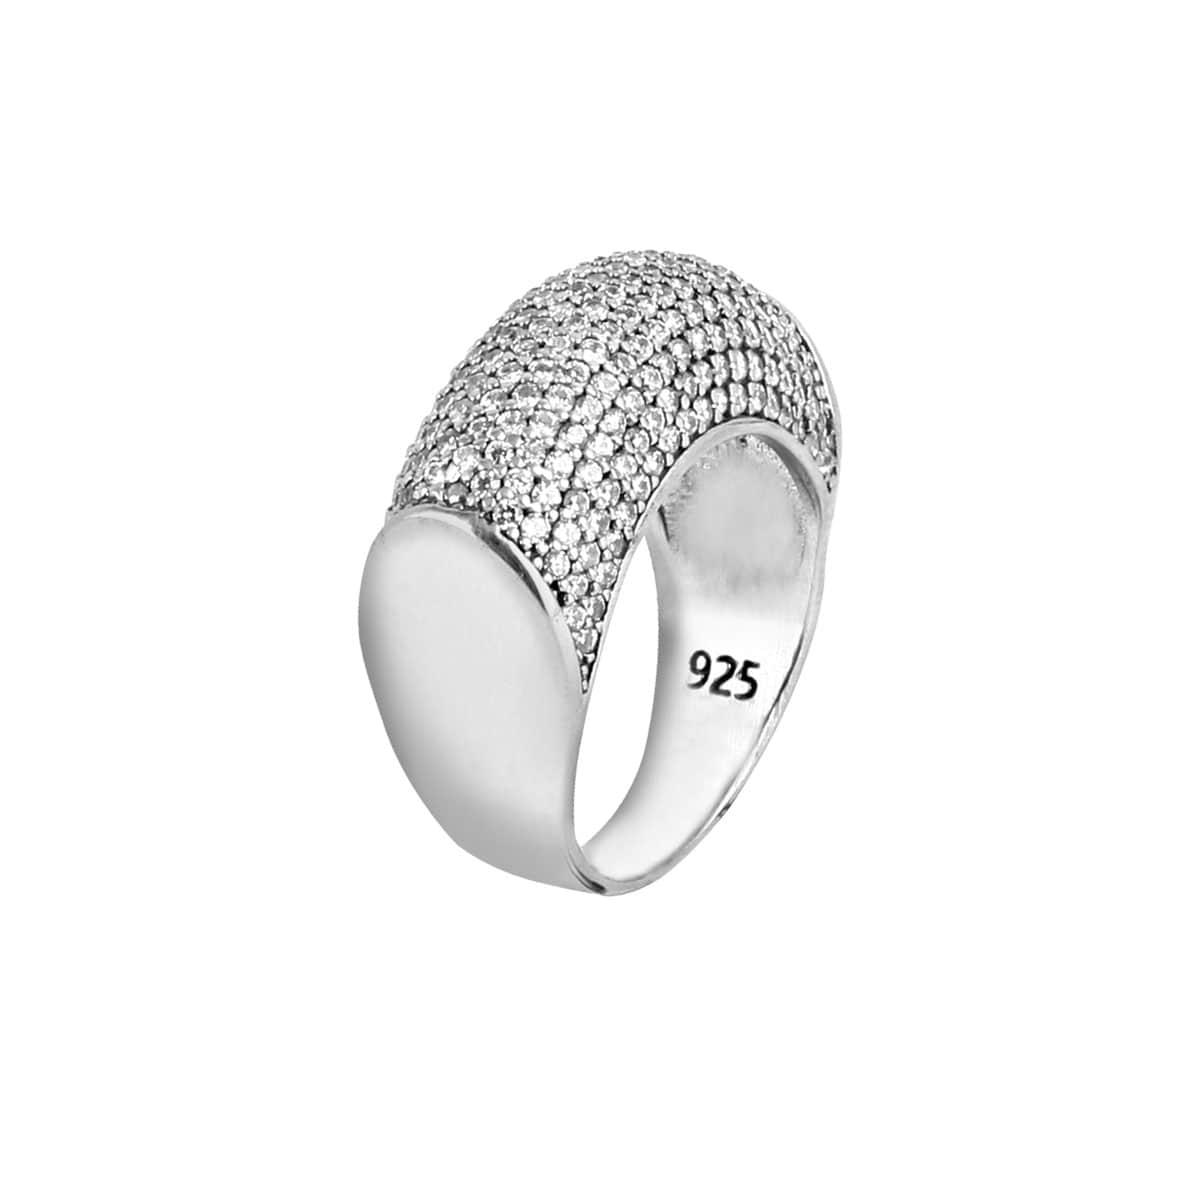 خرید انگشتر نقره زنانه نگین دار مدل رکسانا